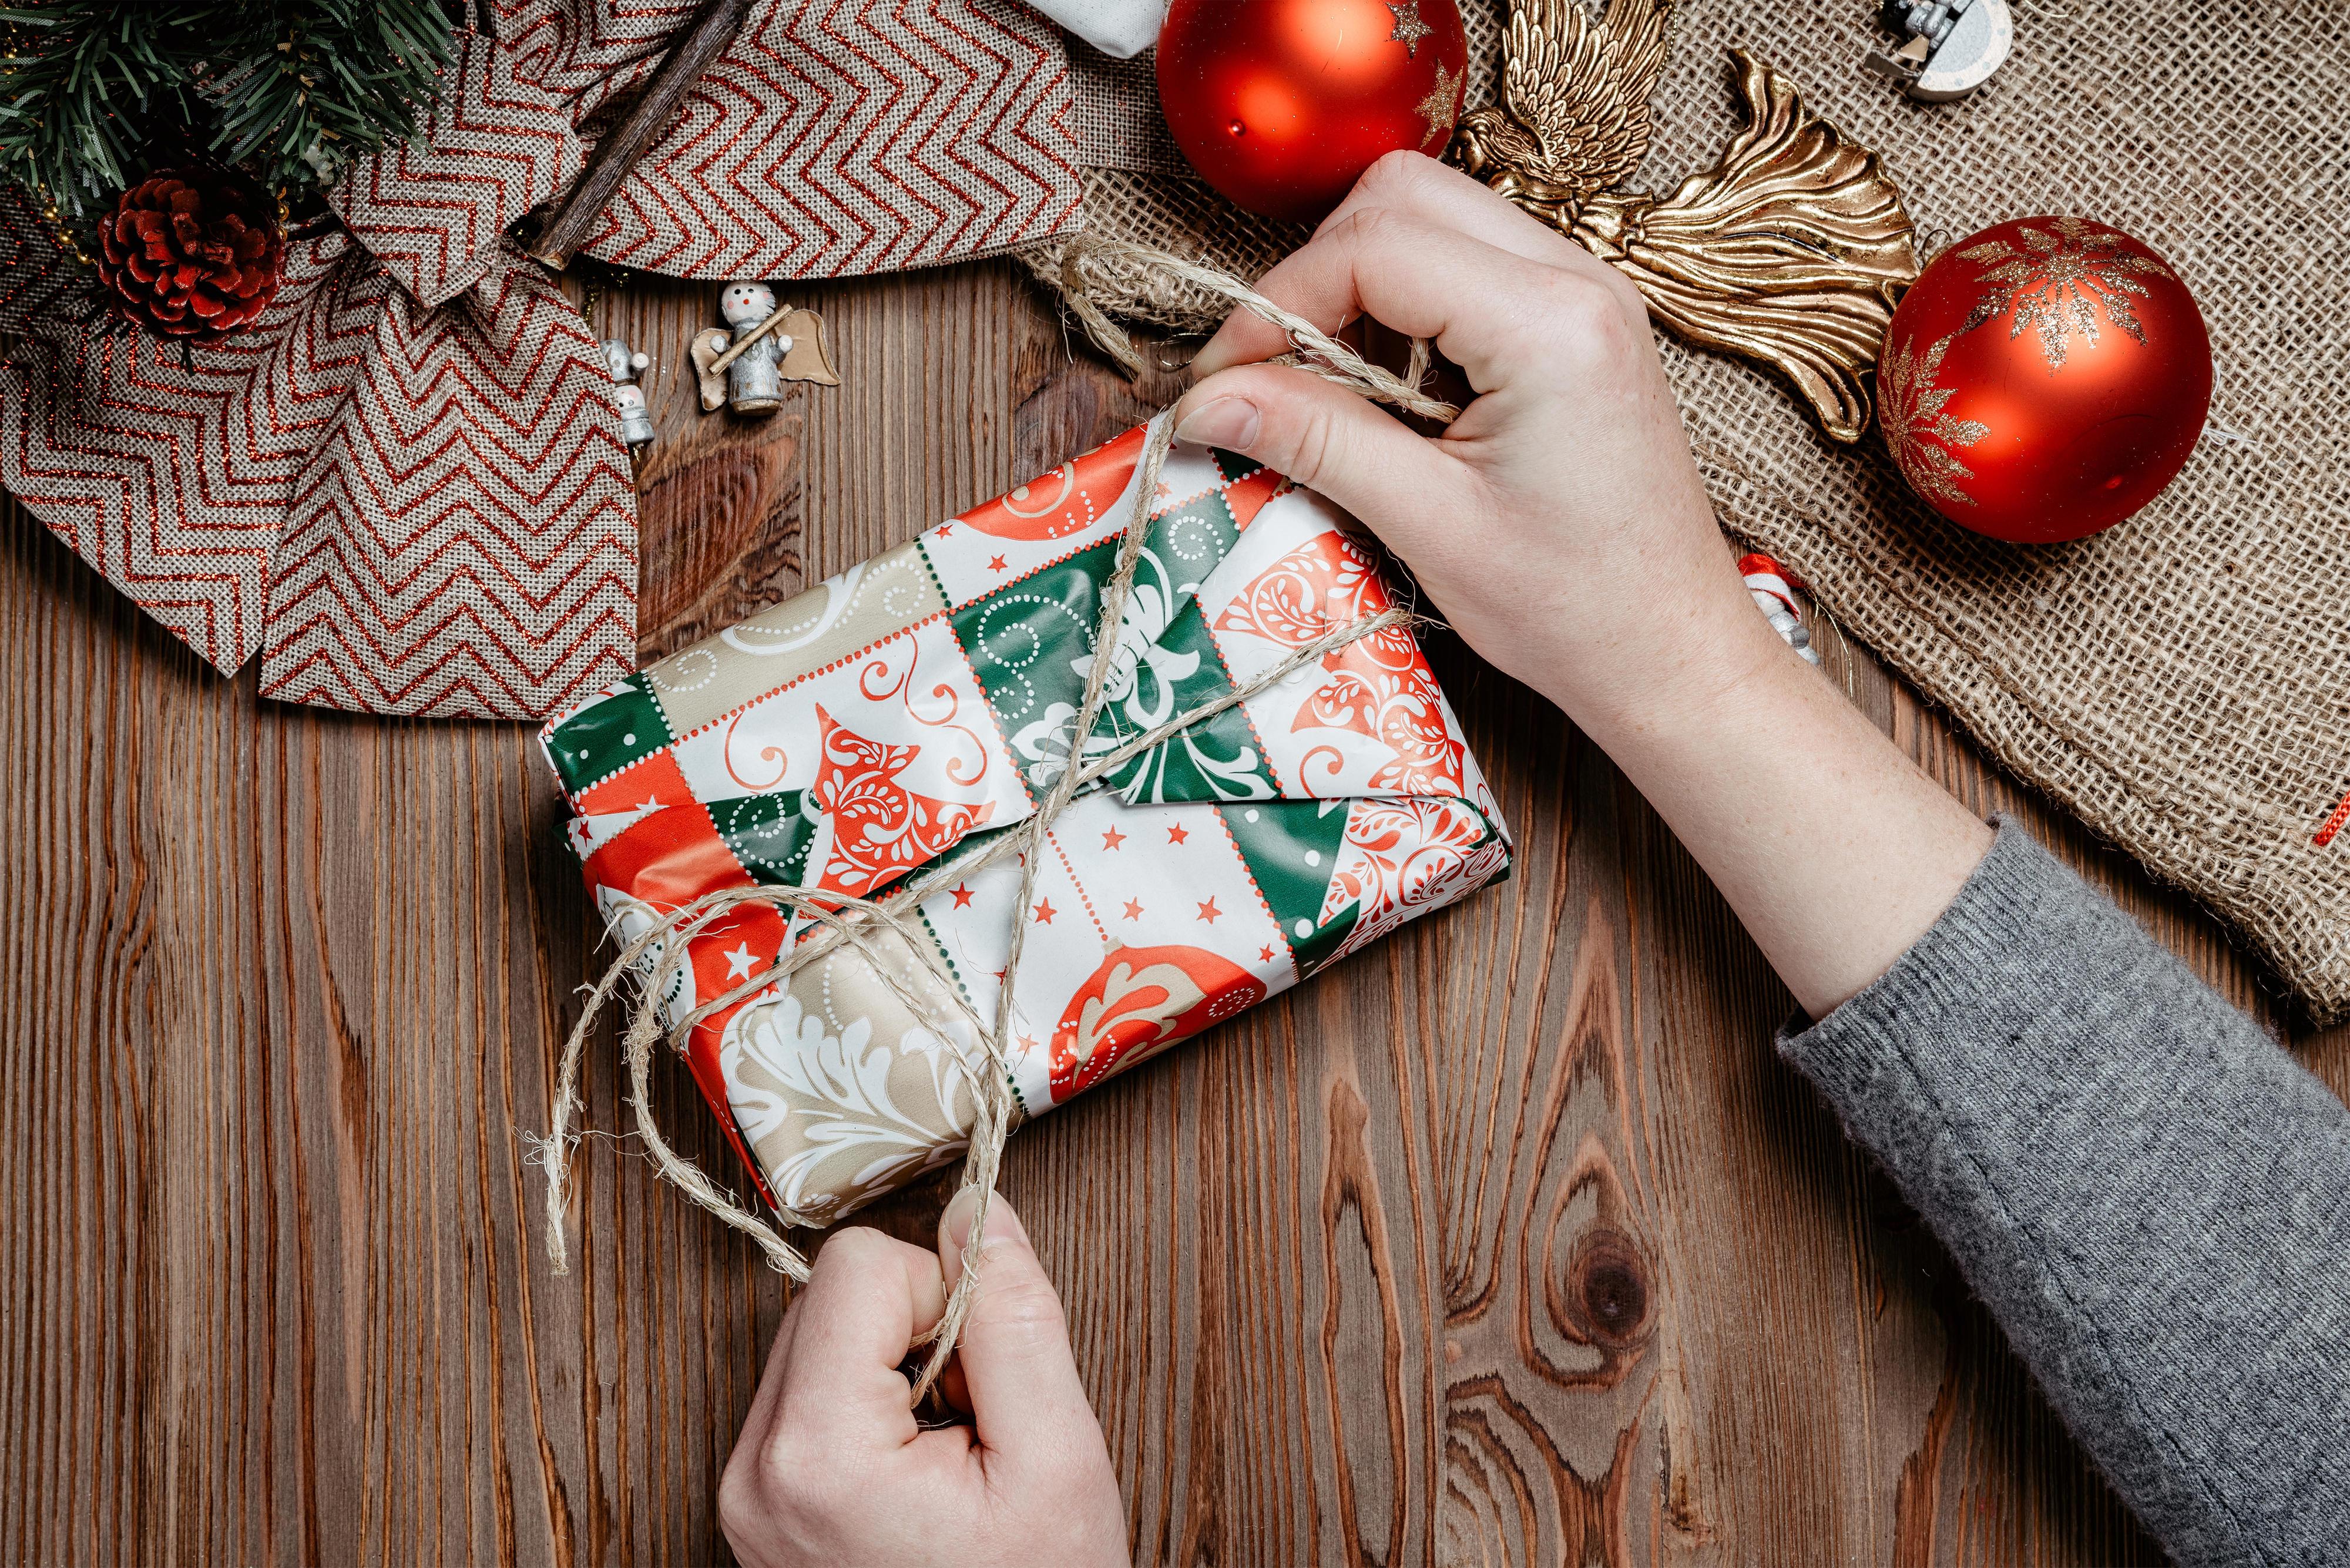 Geschenke verpacken: Für das perfekte Weihnachtsgeschenk | BRIGITTE.de